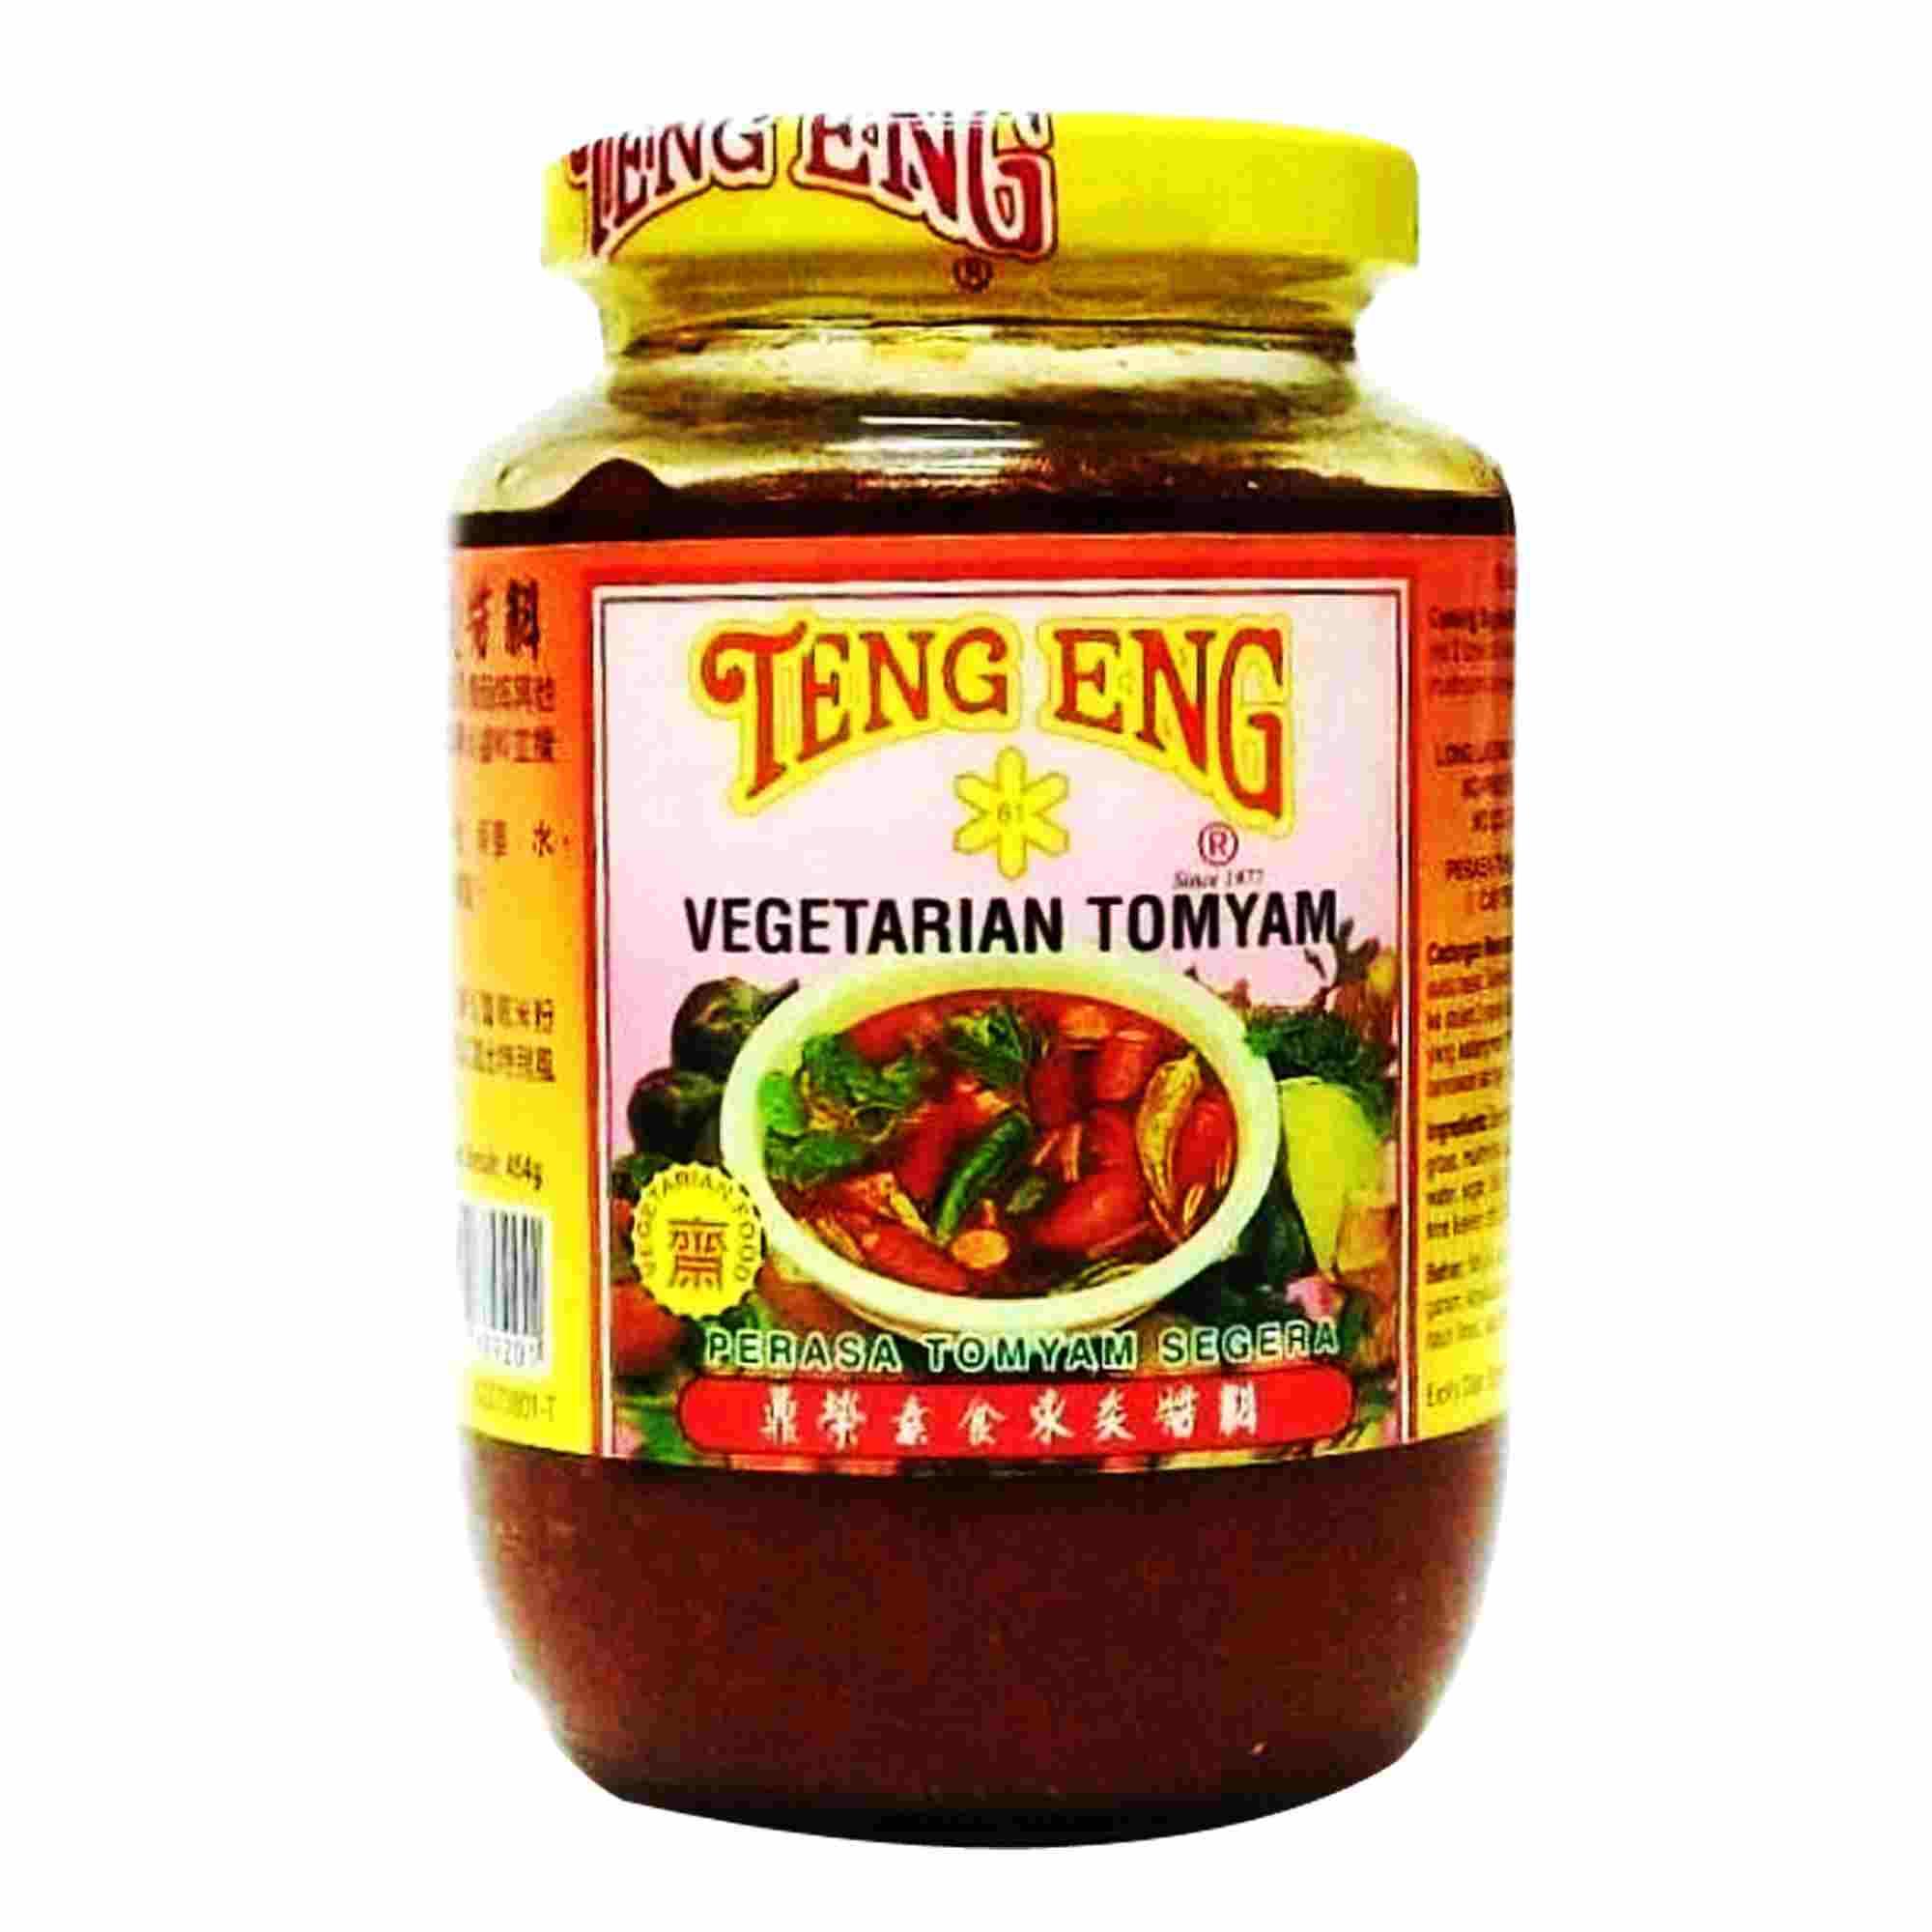 Image Teng Eng Vegetarian Tom Yam 鼎荣-素食东炎酱料 454grams